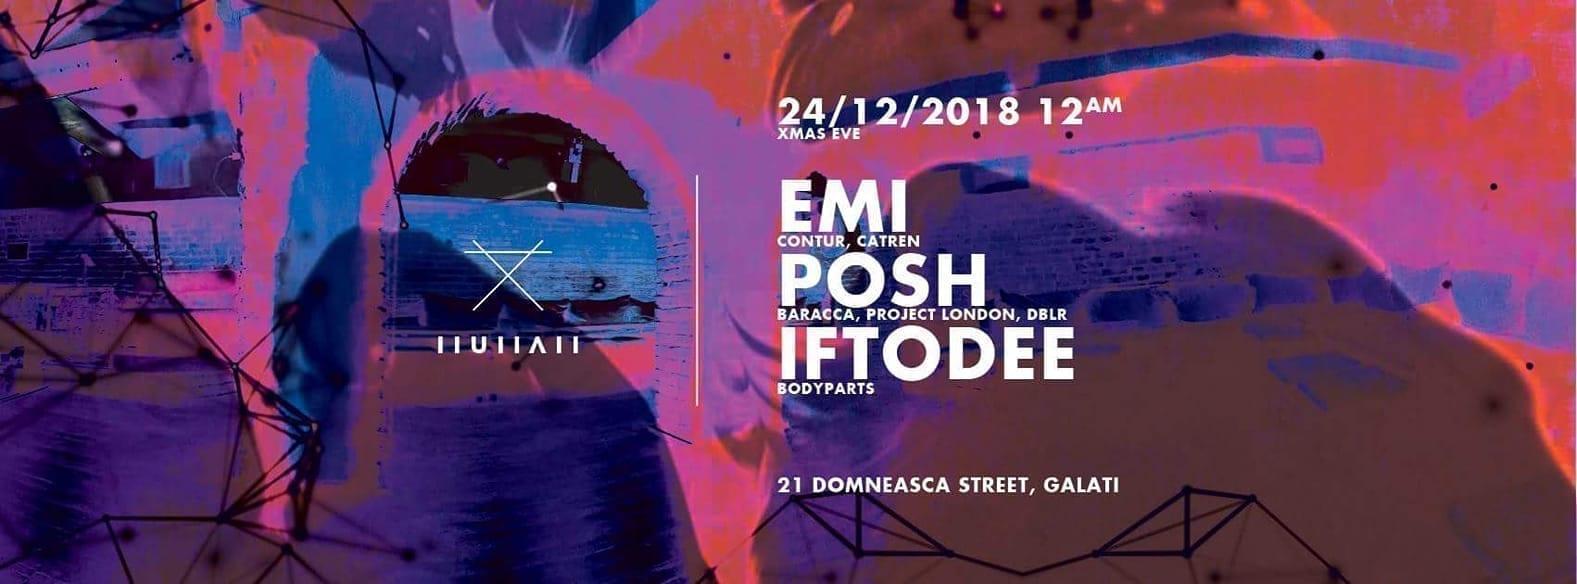 Human presents -XMASS EMI & POSH